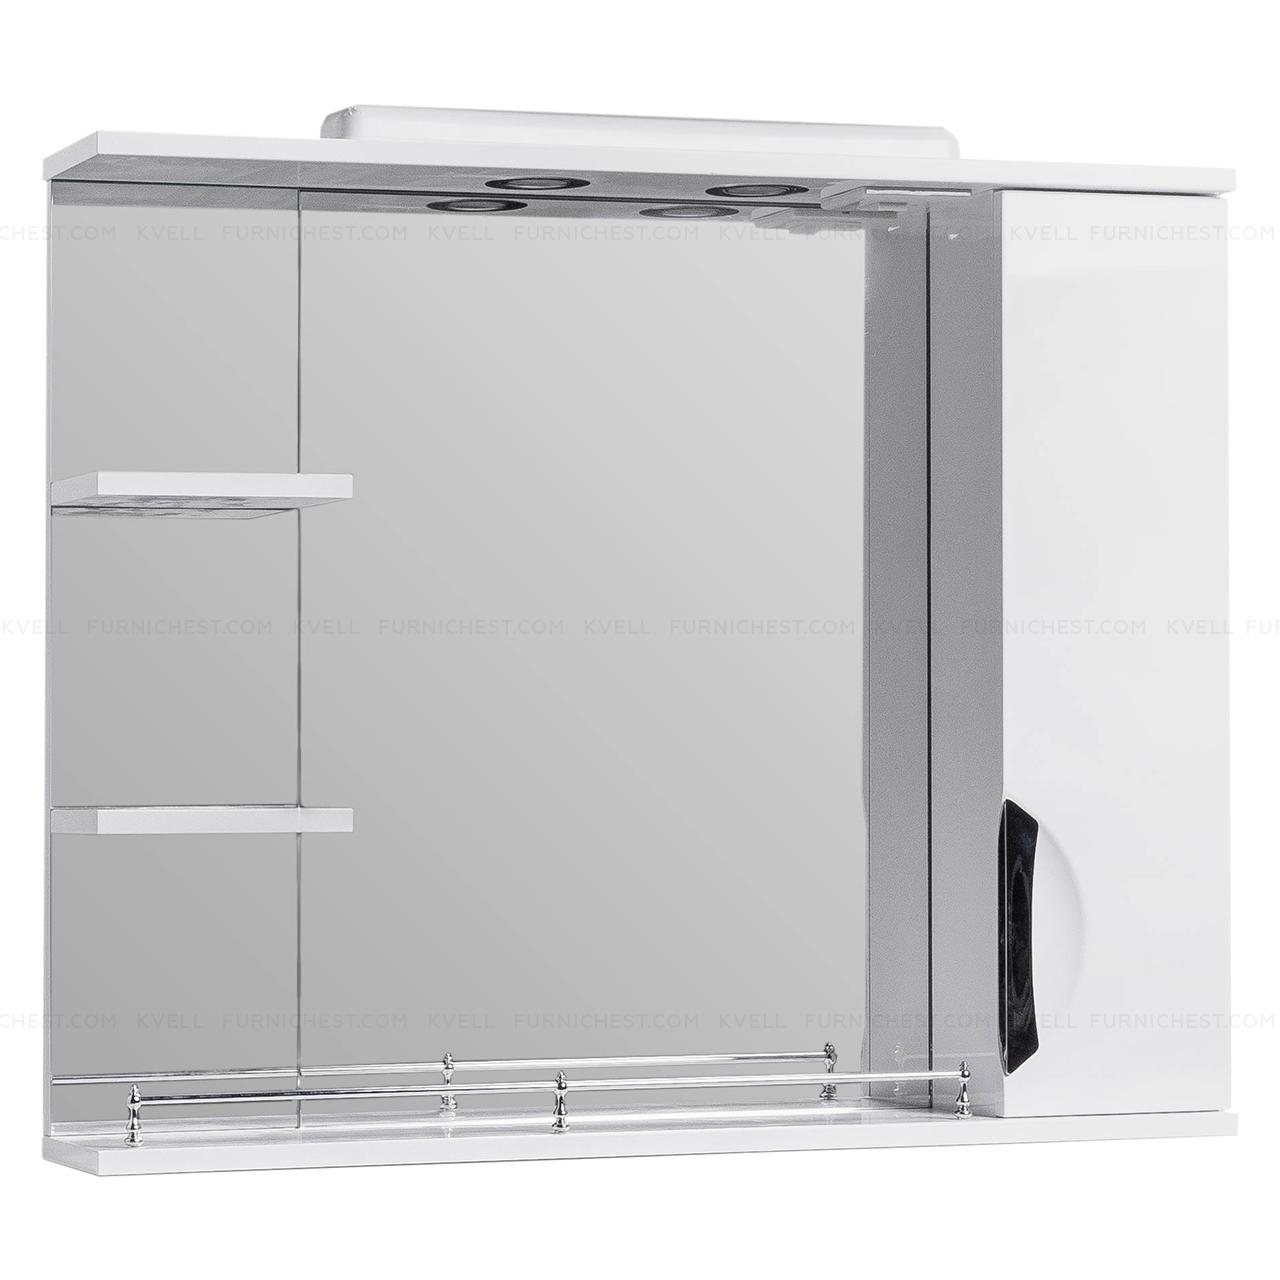 Дзеркало з підсвічуванням для ванної кімнати ГРАЦІЯ Z2 85 R (біле)